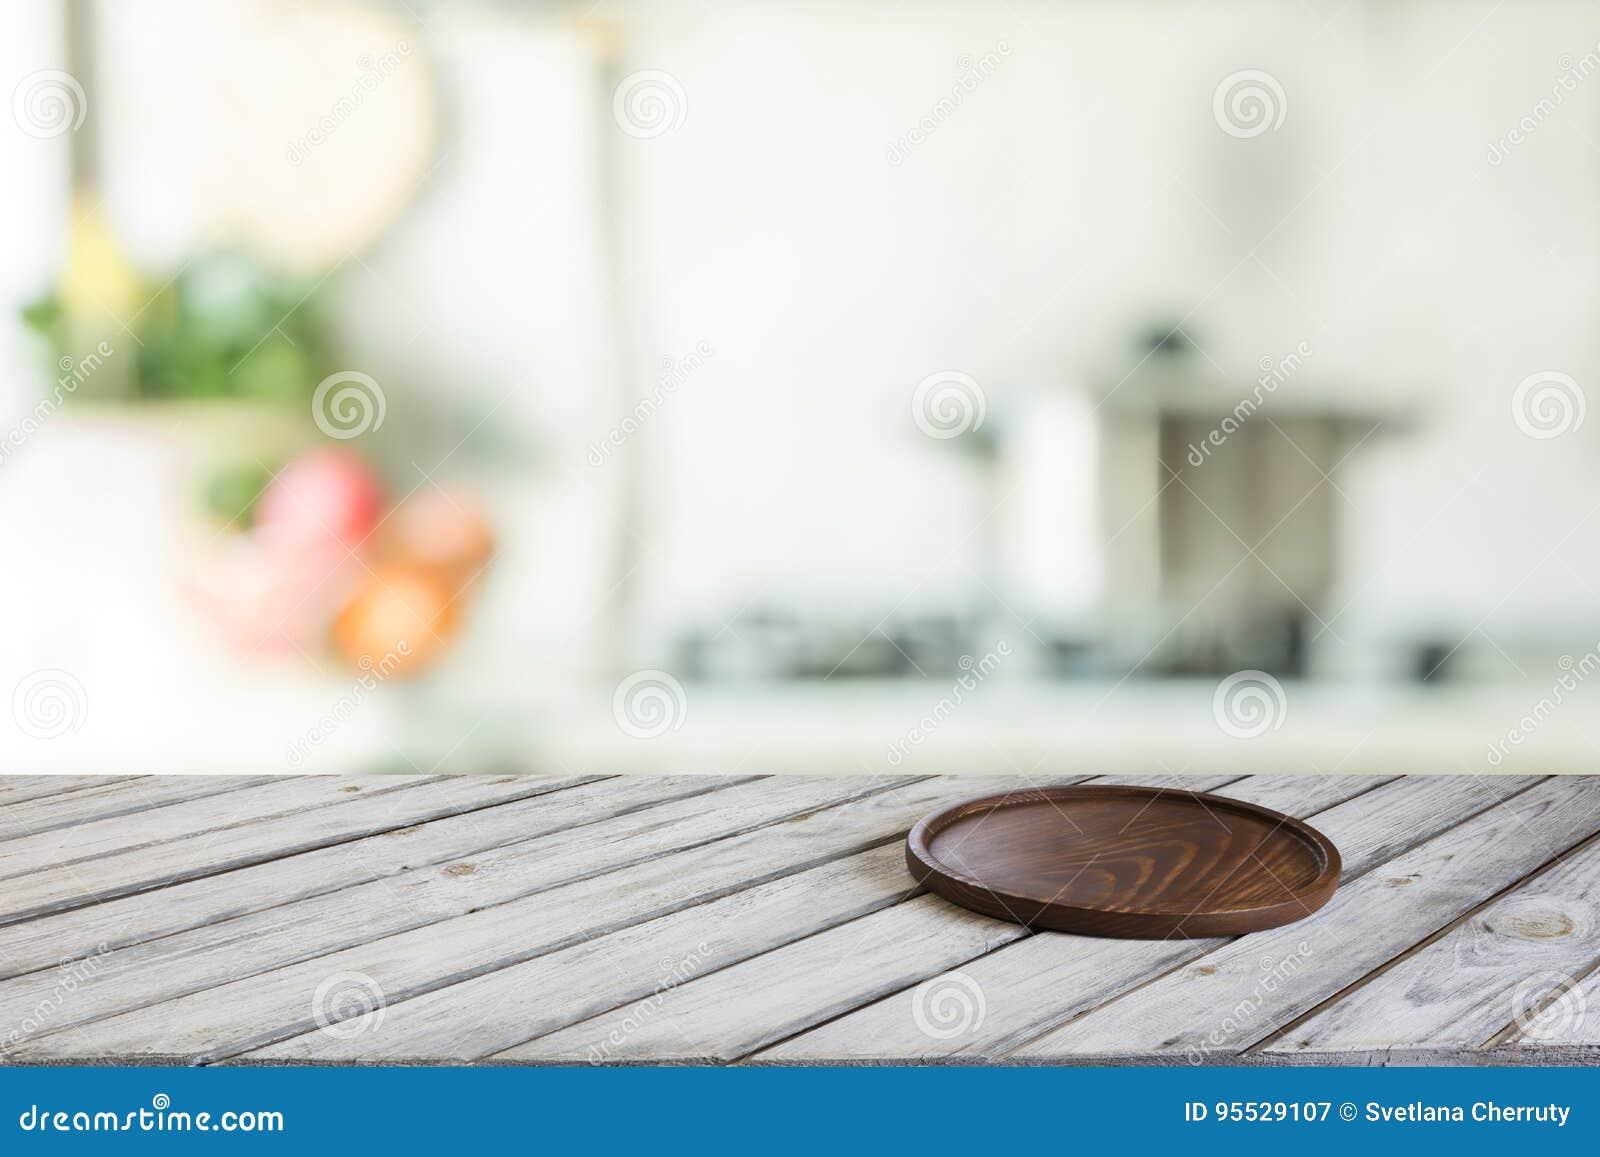 Ripiani In Legno Per Tavoli : Ripiano del tavolo di legno vuoto con il tagliere e cucina moderna